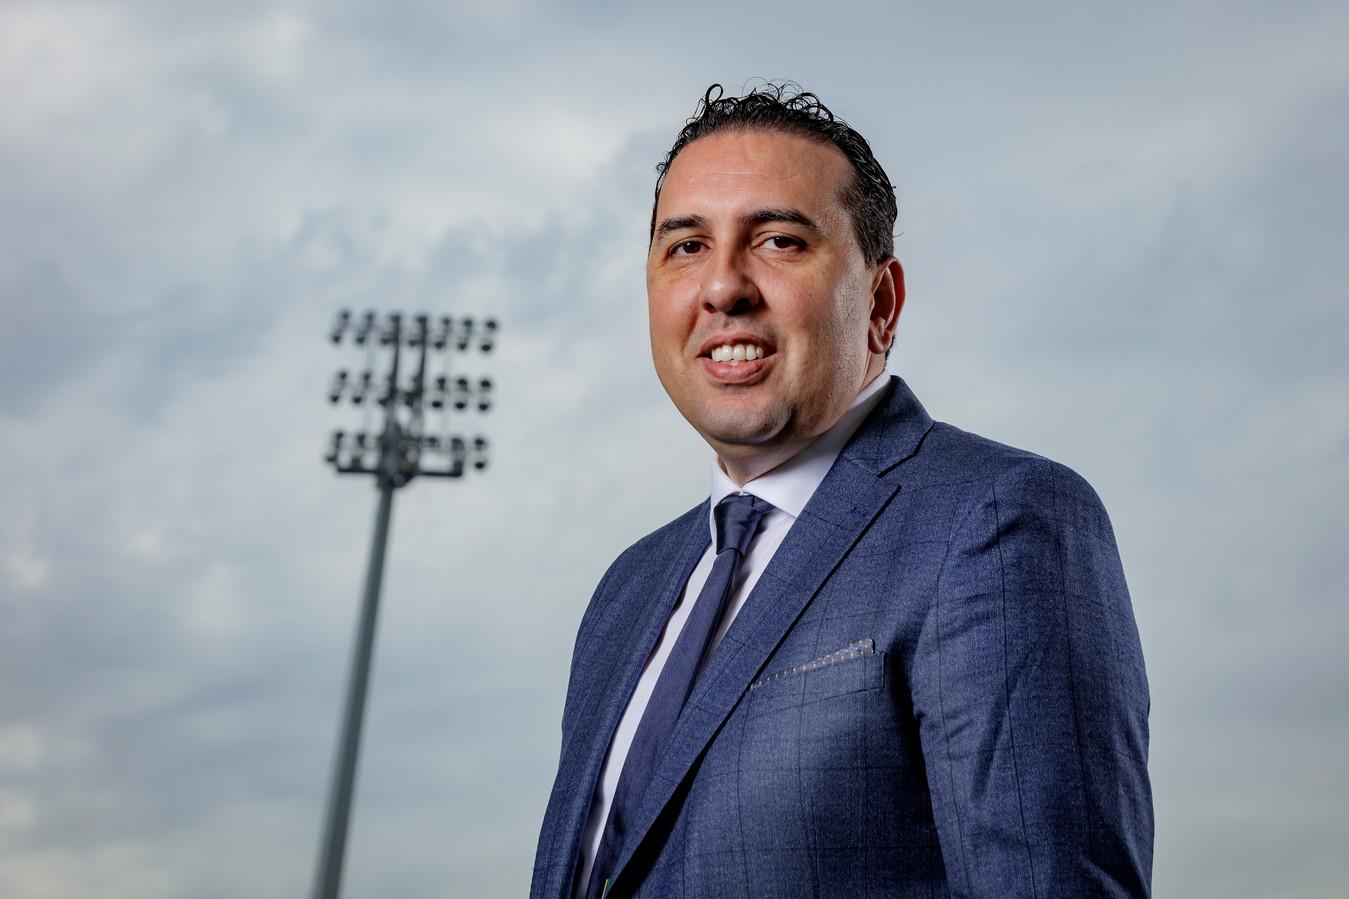 Mohammed Hamdi, de nieuwe algemeen directeur van ADO Den Haag.